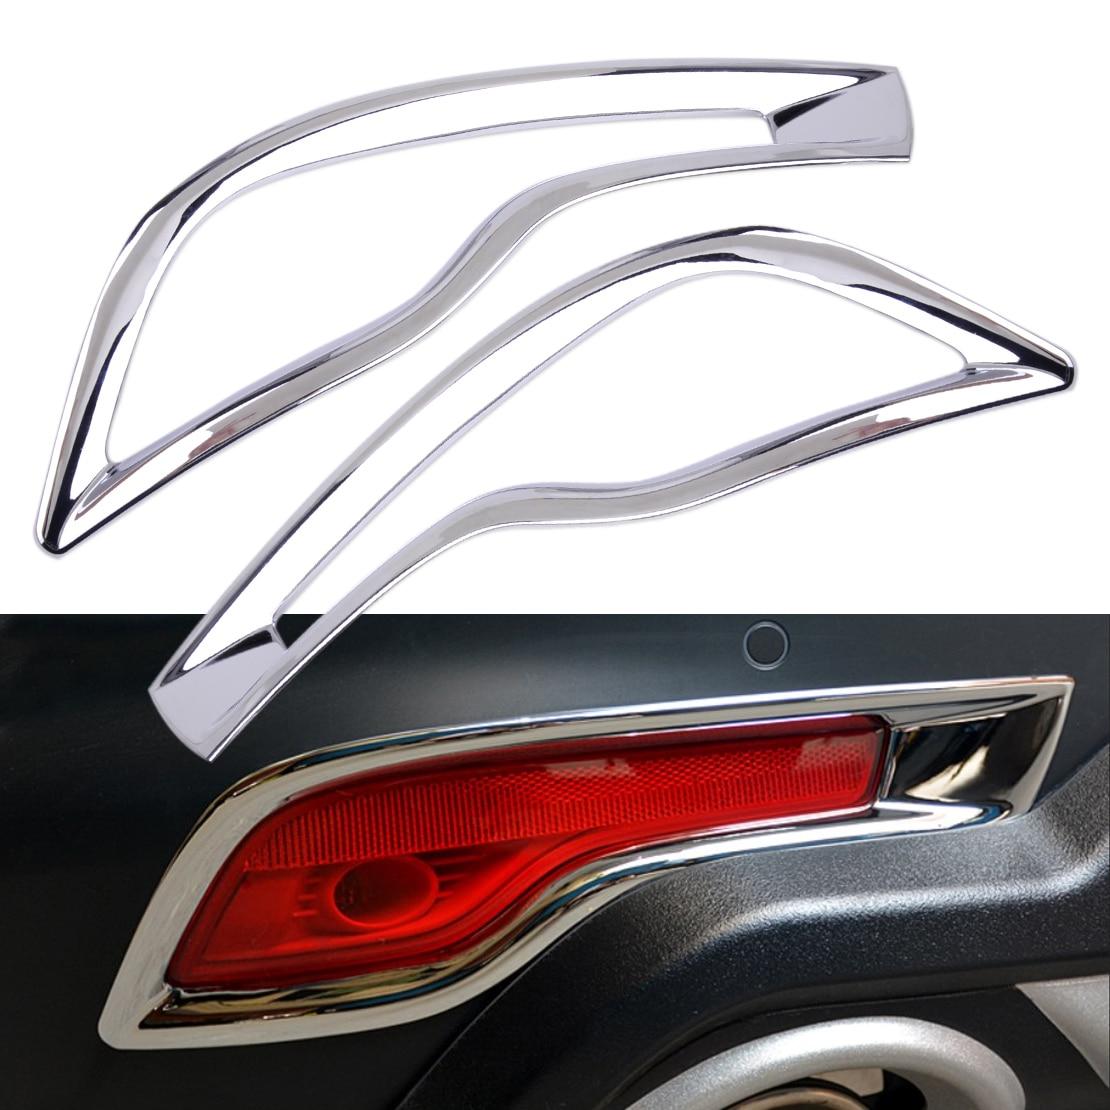 2x Chrome Rear Tail Fog Light Frame Cover Trim For Mercedes-Benz E Class 2017